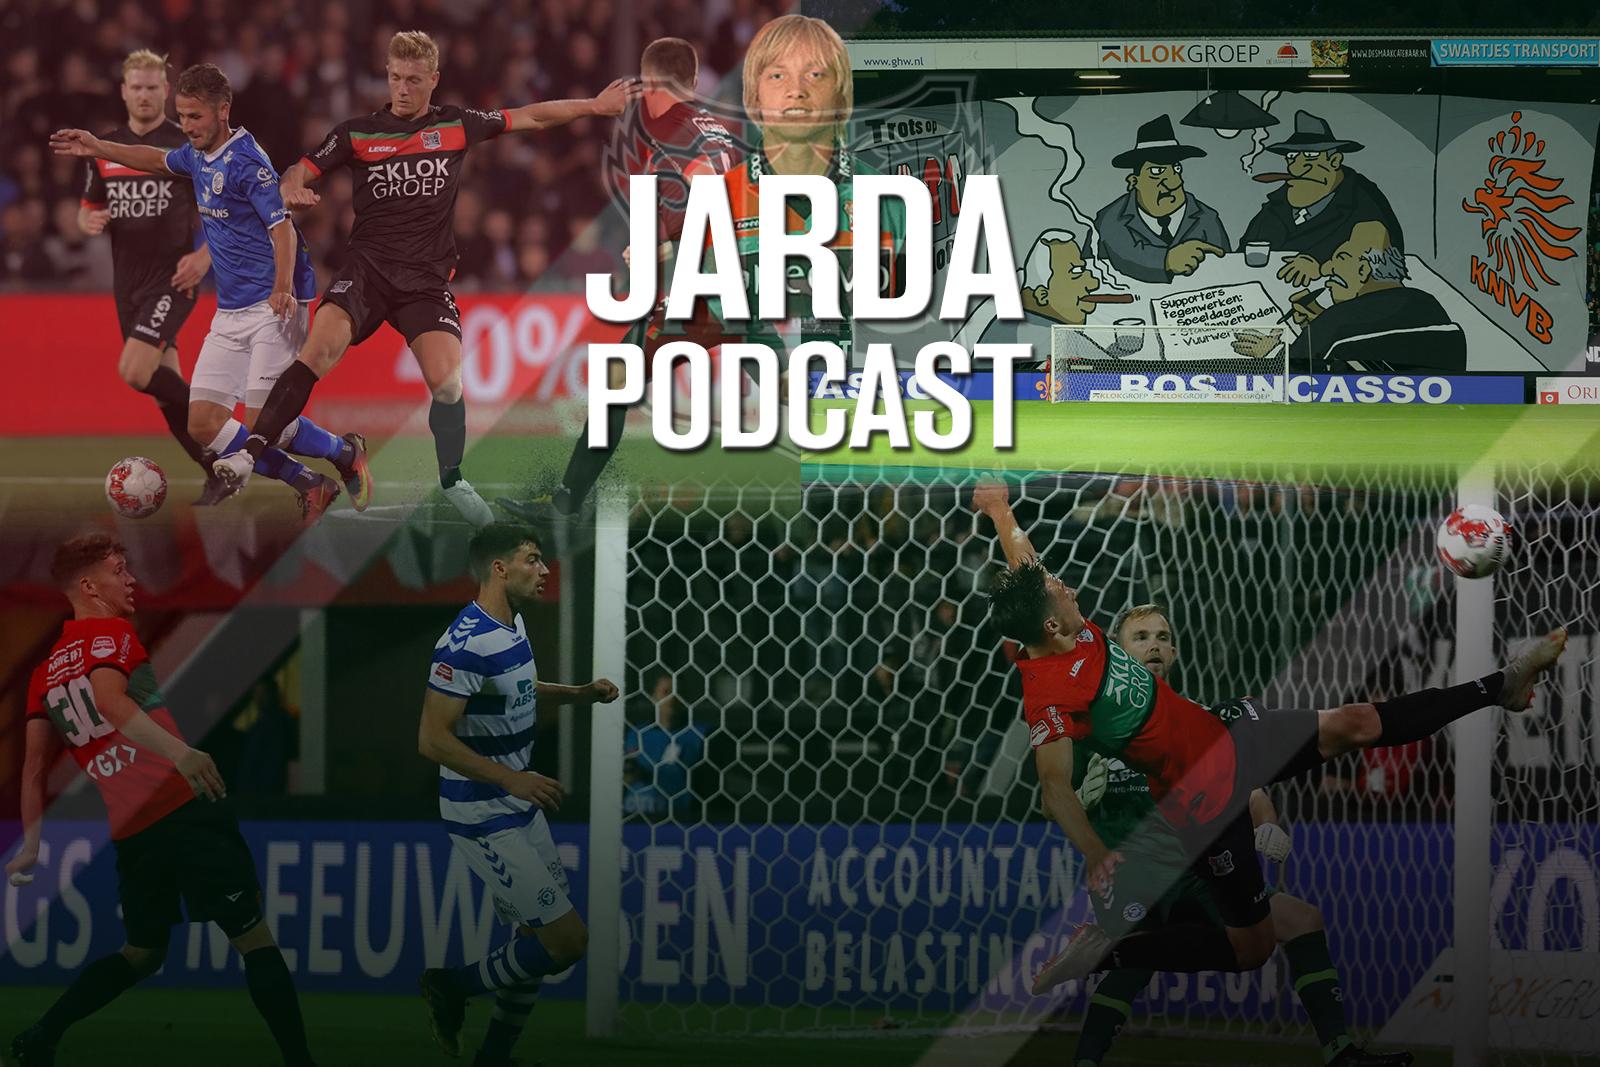 Jarda Podcast #21: De nabeschouwing van drukke NEC-dagen